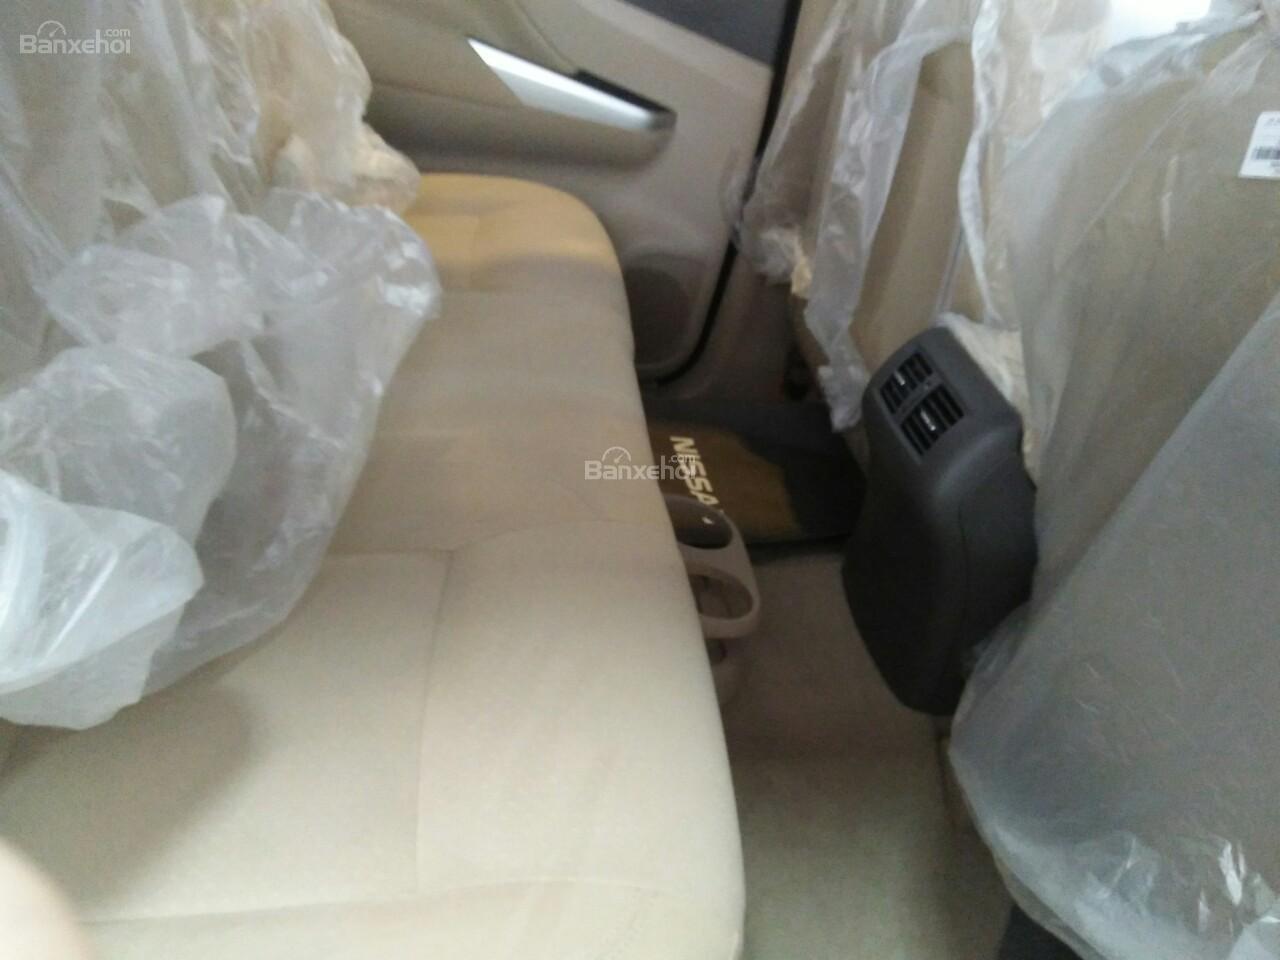 Bán xe Nissan Navara El full màu, giá ưu đãi cuối năm, hỗ trợ ngân hàng 80%, giao xe ngay-9